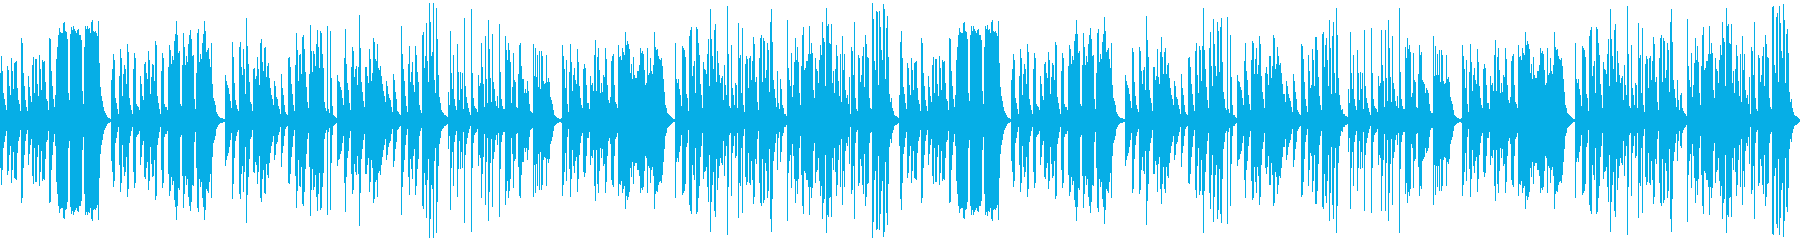 【YouTube】コミカルでかわいい曲の再生済みの波形